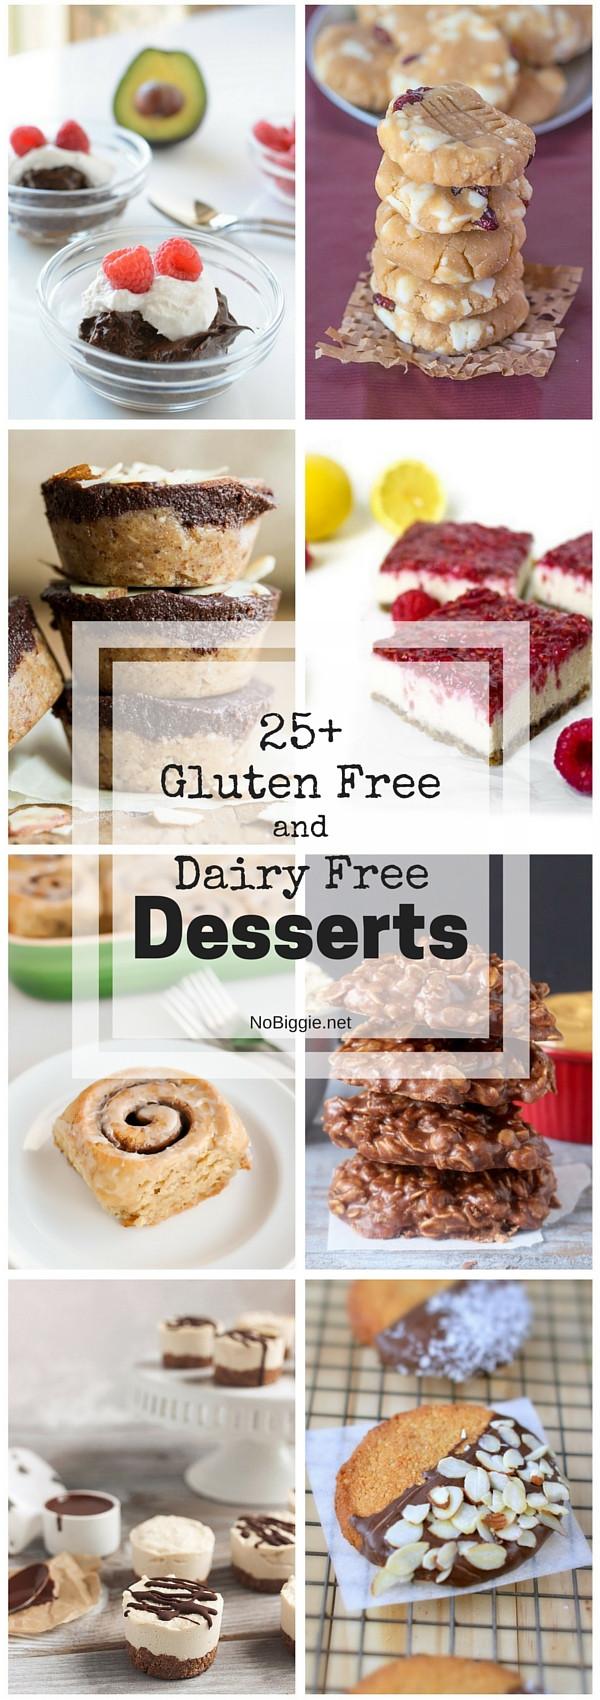 Gluten And Dairy Free Dessert Recipes  25 Gluten Free and Dairy Free Desserts